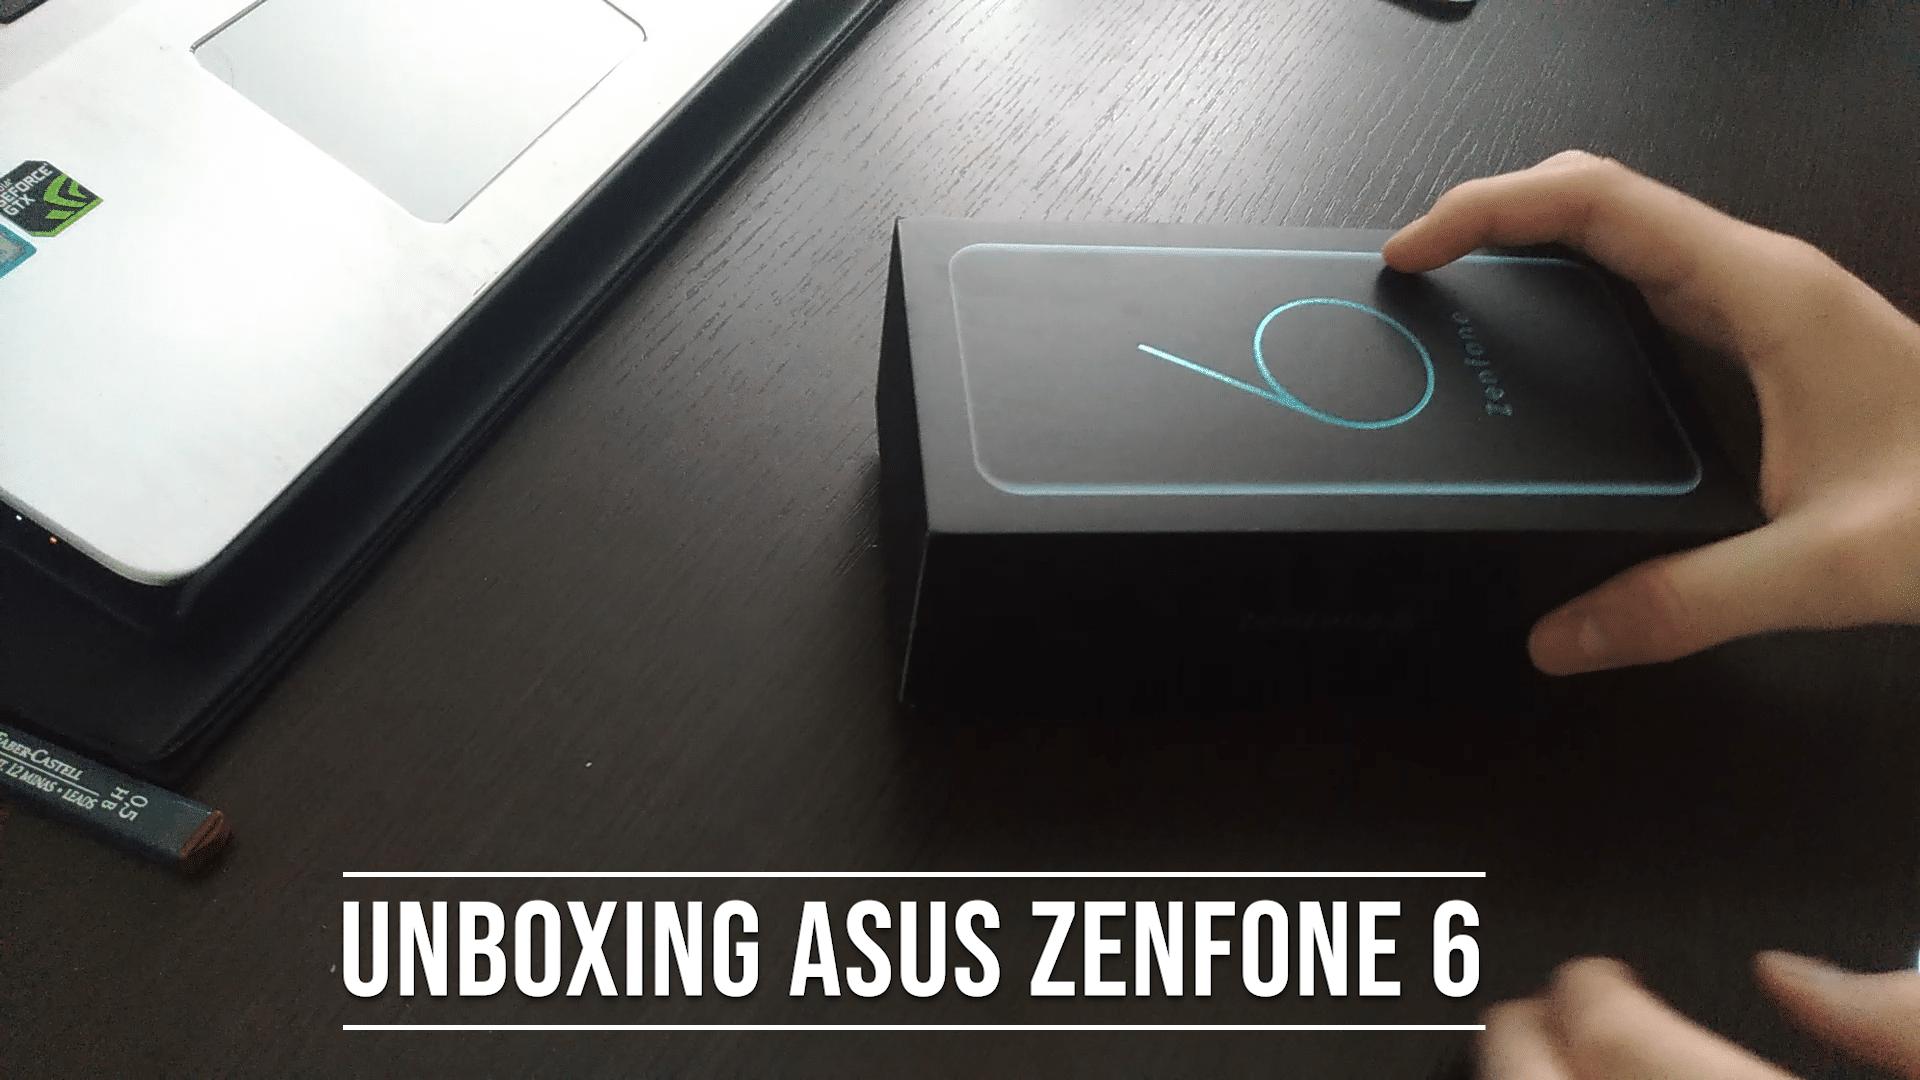 Unboxing Asus Zenfone 6